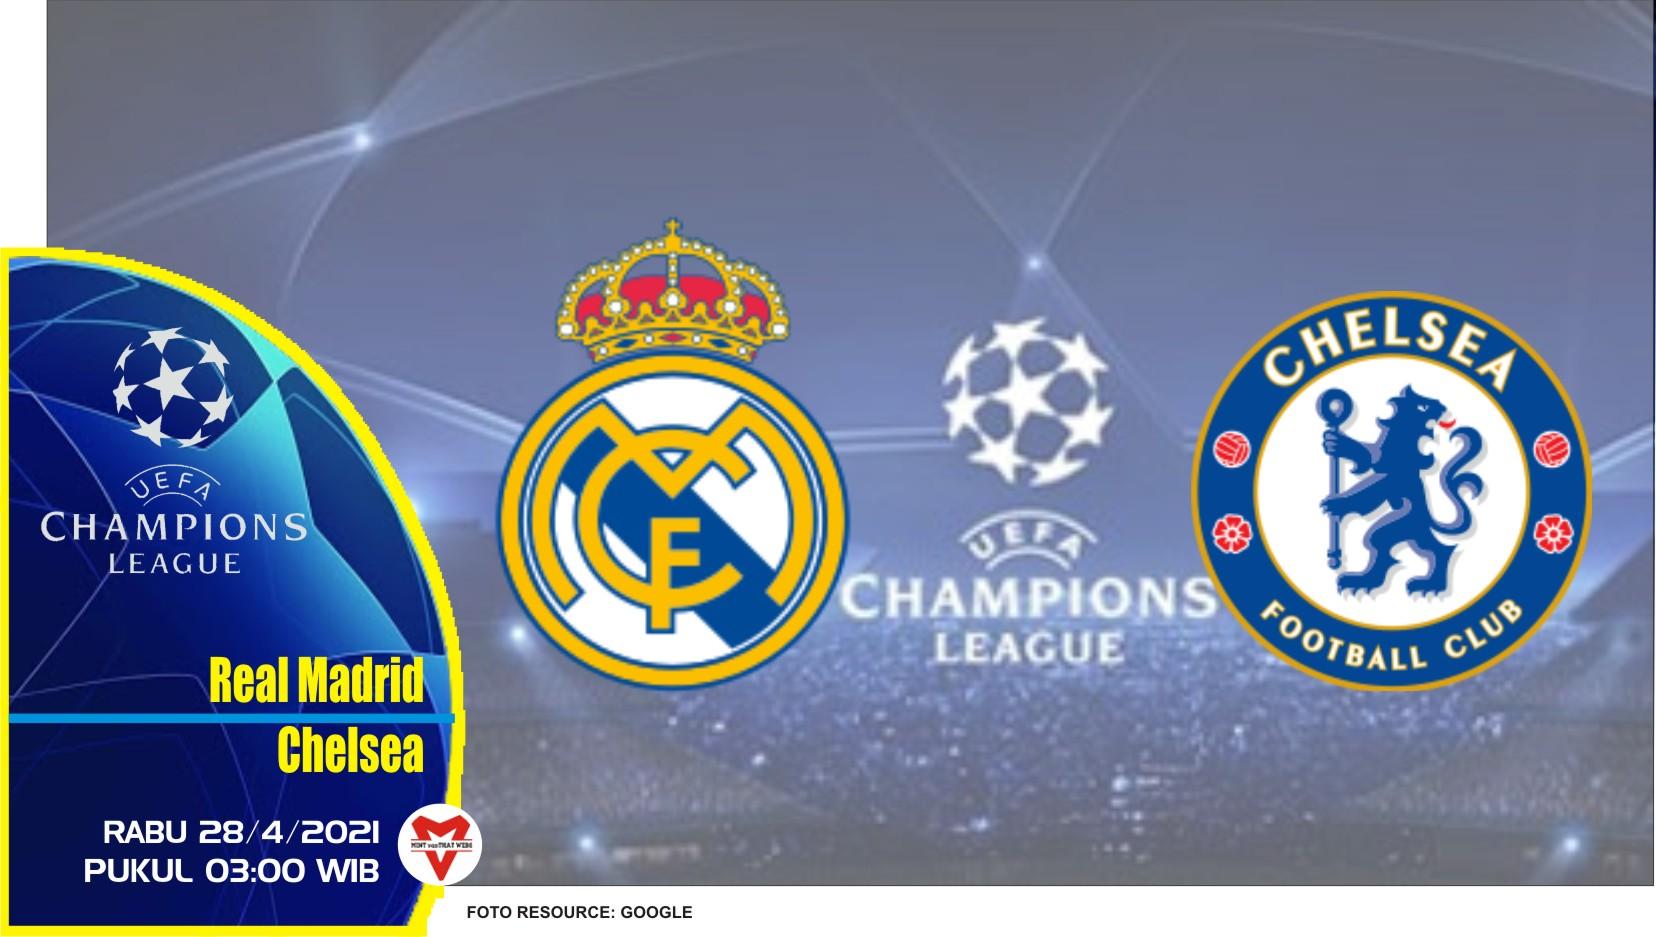 Prediksi Liga Champions: Real Madrid vs Chelsea - 28 April 2021